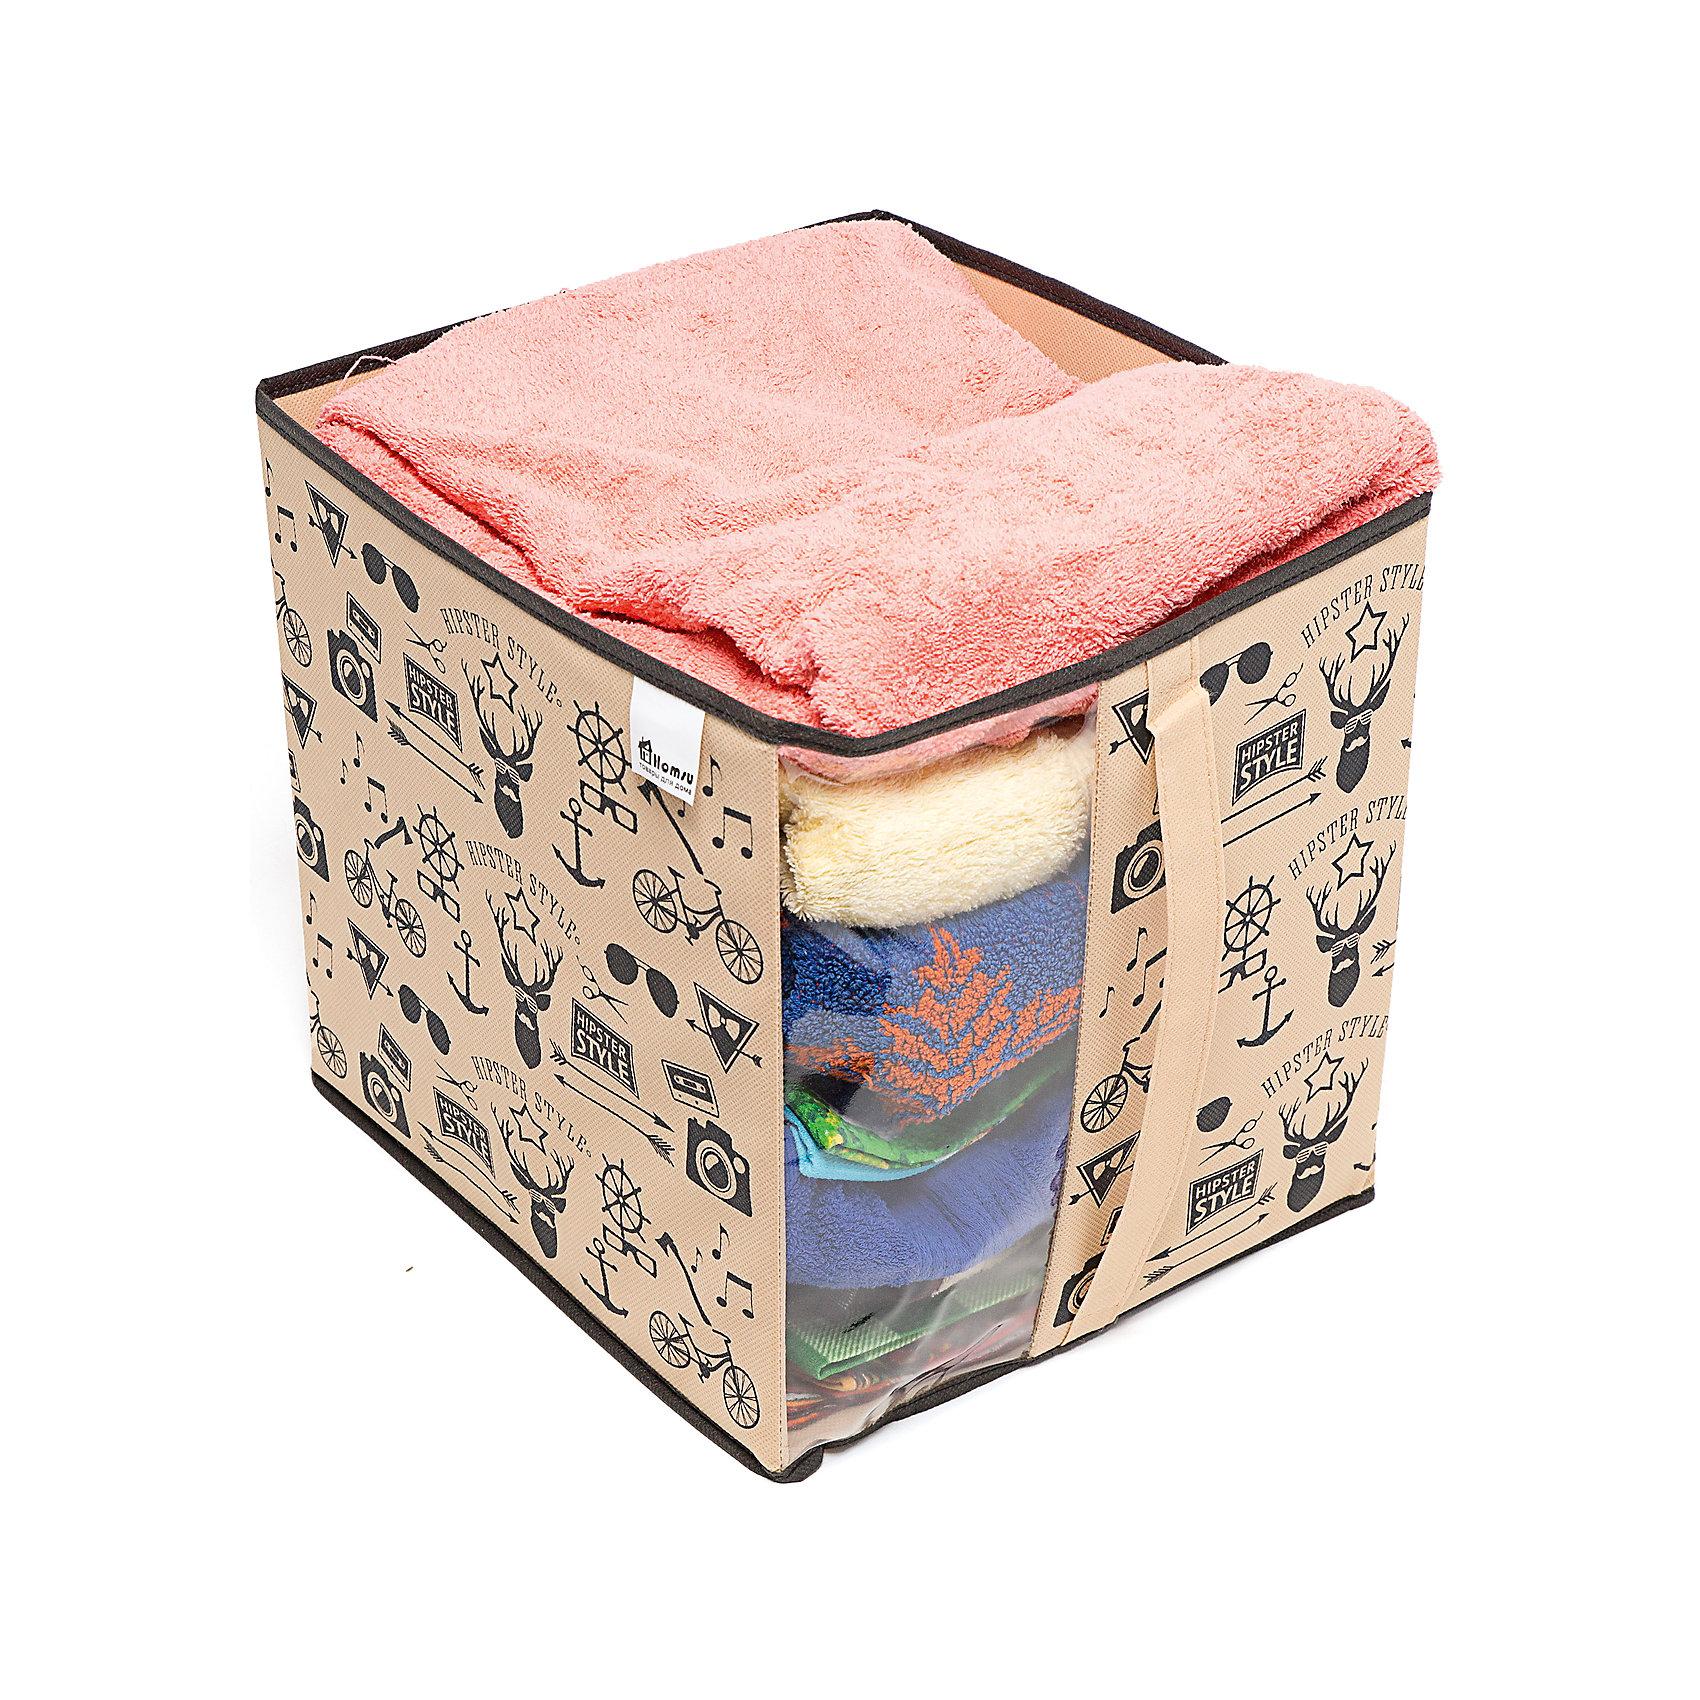 Короб большой для вещей Hipster Style (30*33*32), HomsuПорядок в детской<br>Универсальная коробочка для хранения любых вещей. Оптимальный размер позволяет хранить в ней любые вещи и предметы. Идеально подходит<br>в шкафы Экспедит от Икея.<br><br>Ширина мм: 620<br>Глубина мм: 330<br>Высота мм: 20<br>Вес г: 400<br>Возраст от месяцев: 216<br>Возраст до месяцев: 1188<br>Пол: Унисекс<br>Возраст: Детский<br>SKU: 5620126